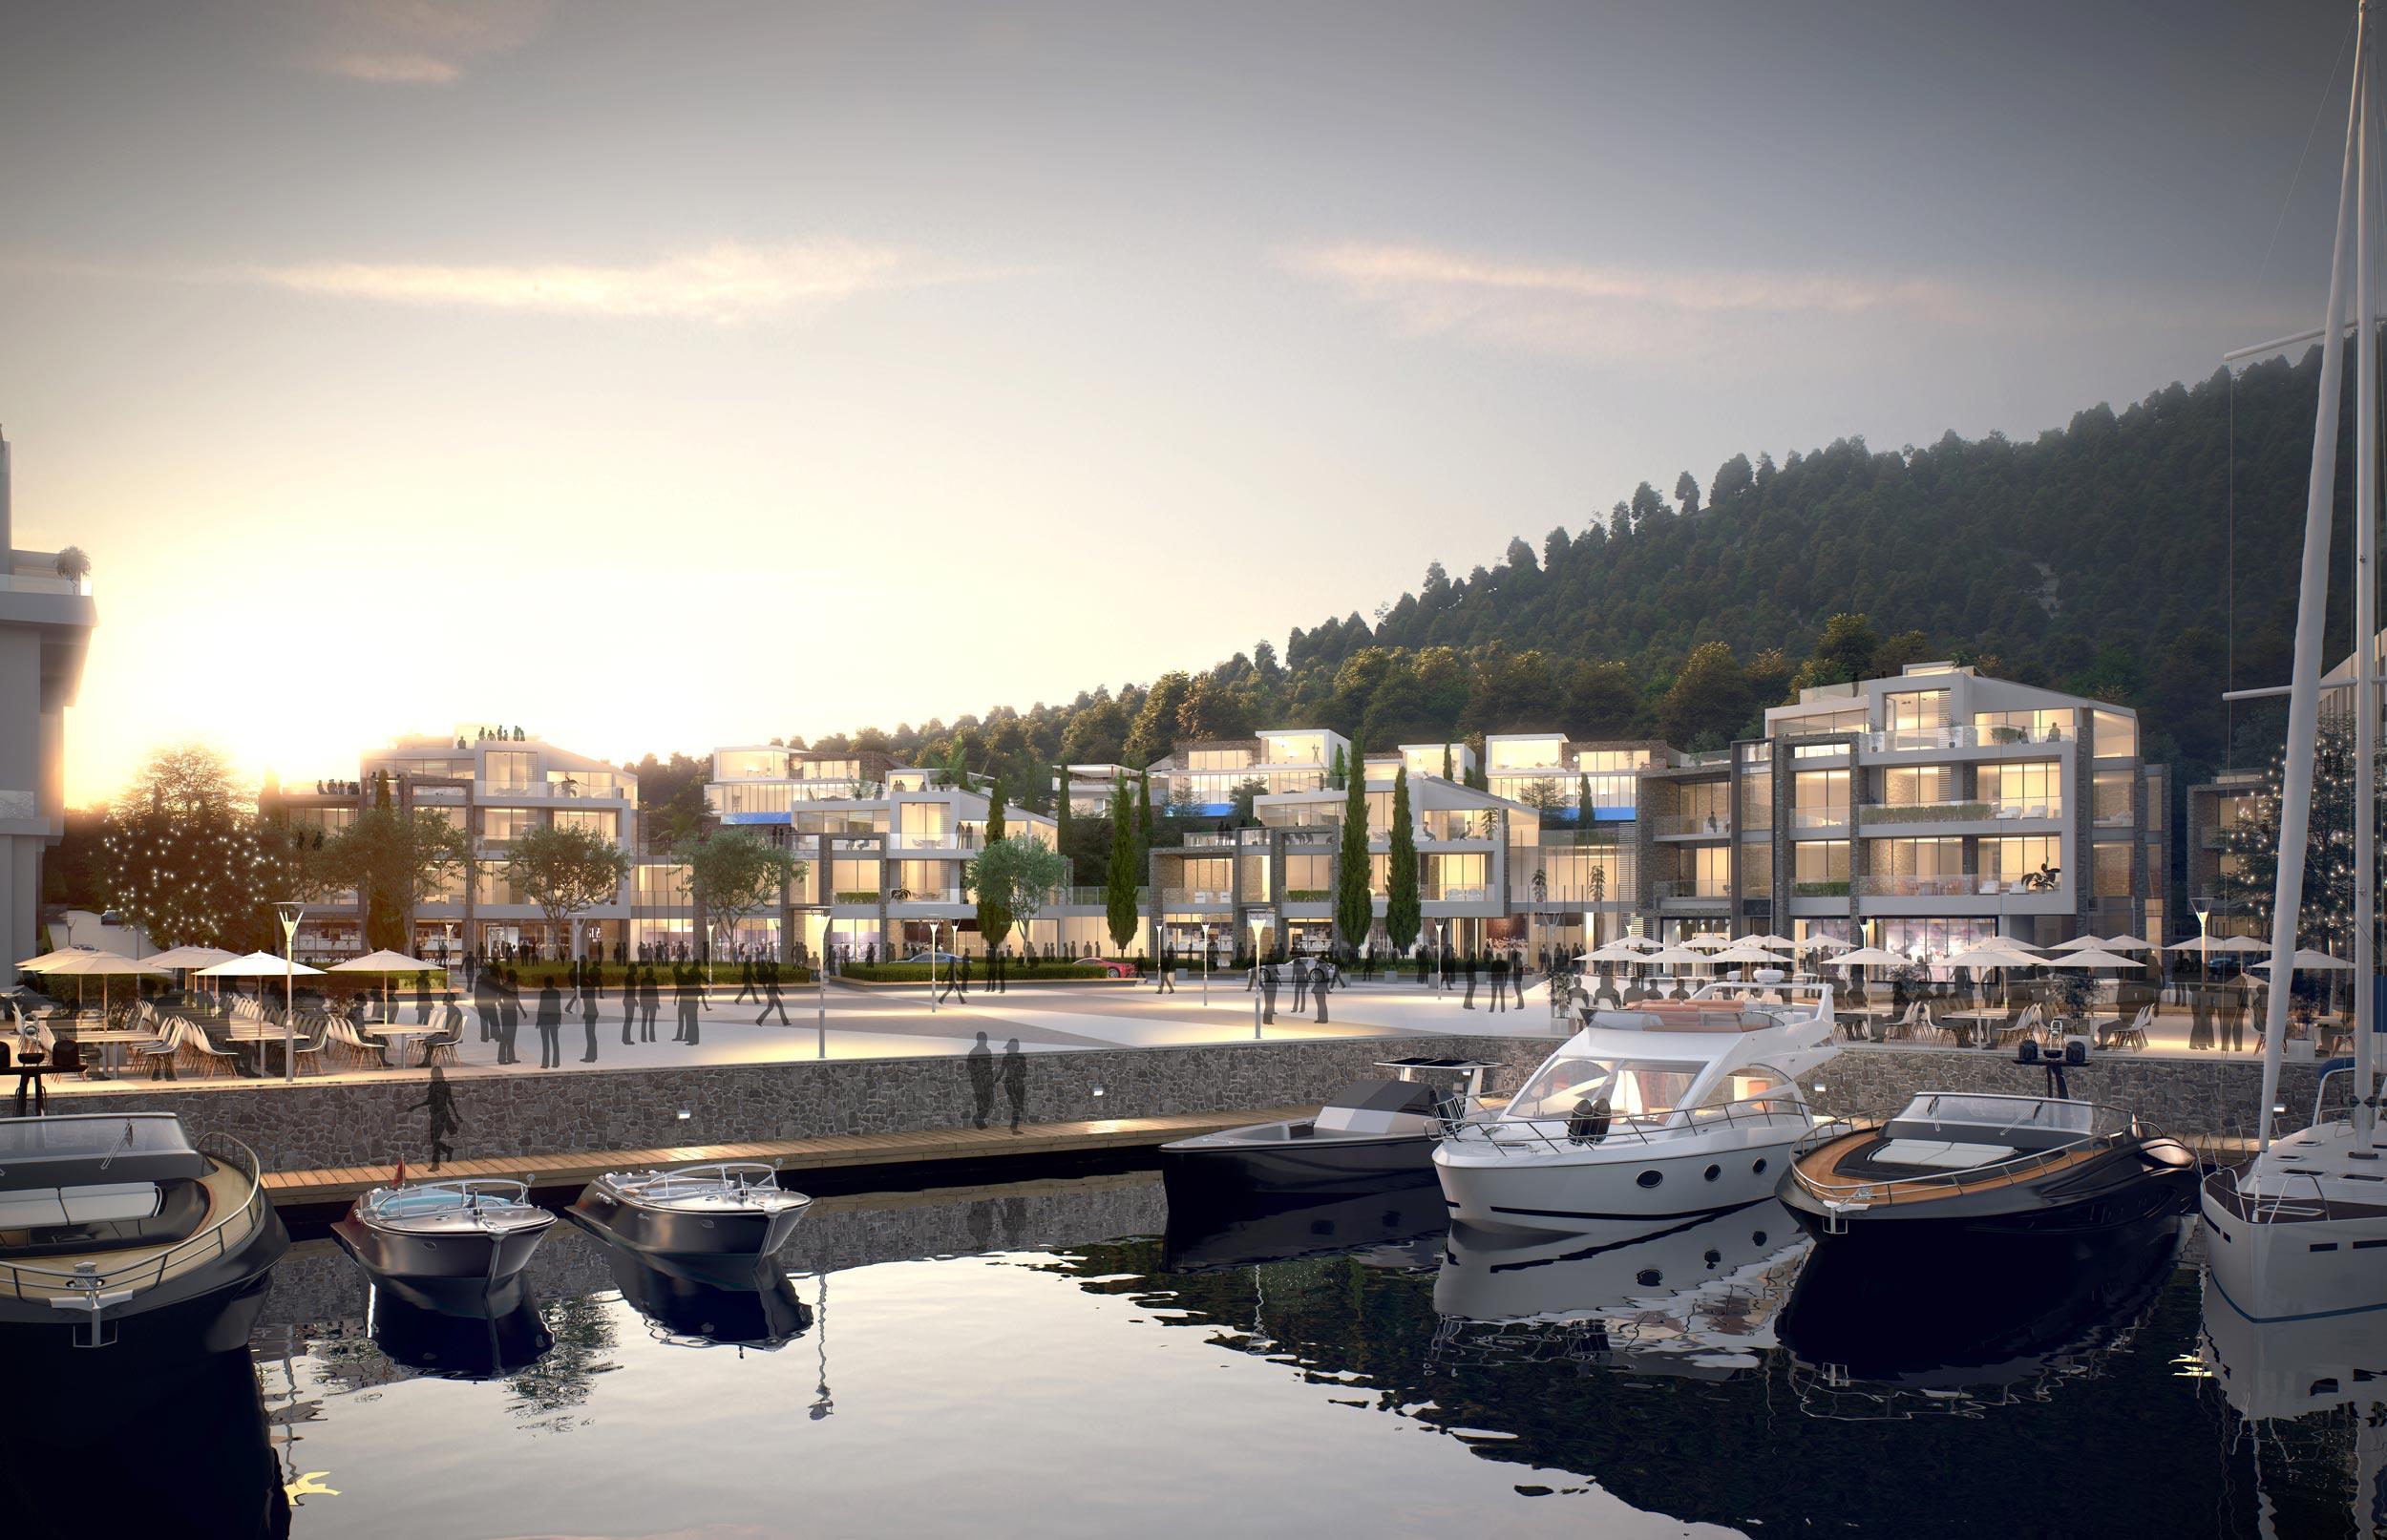 Elite-resort-with-luxury-apartments-in-Herceg-Novi (24).jpg